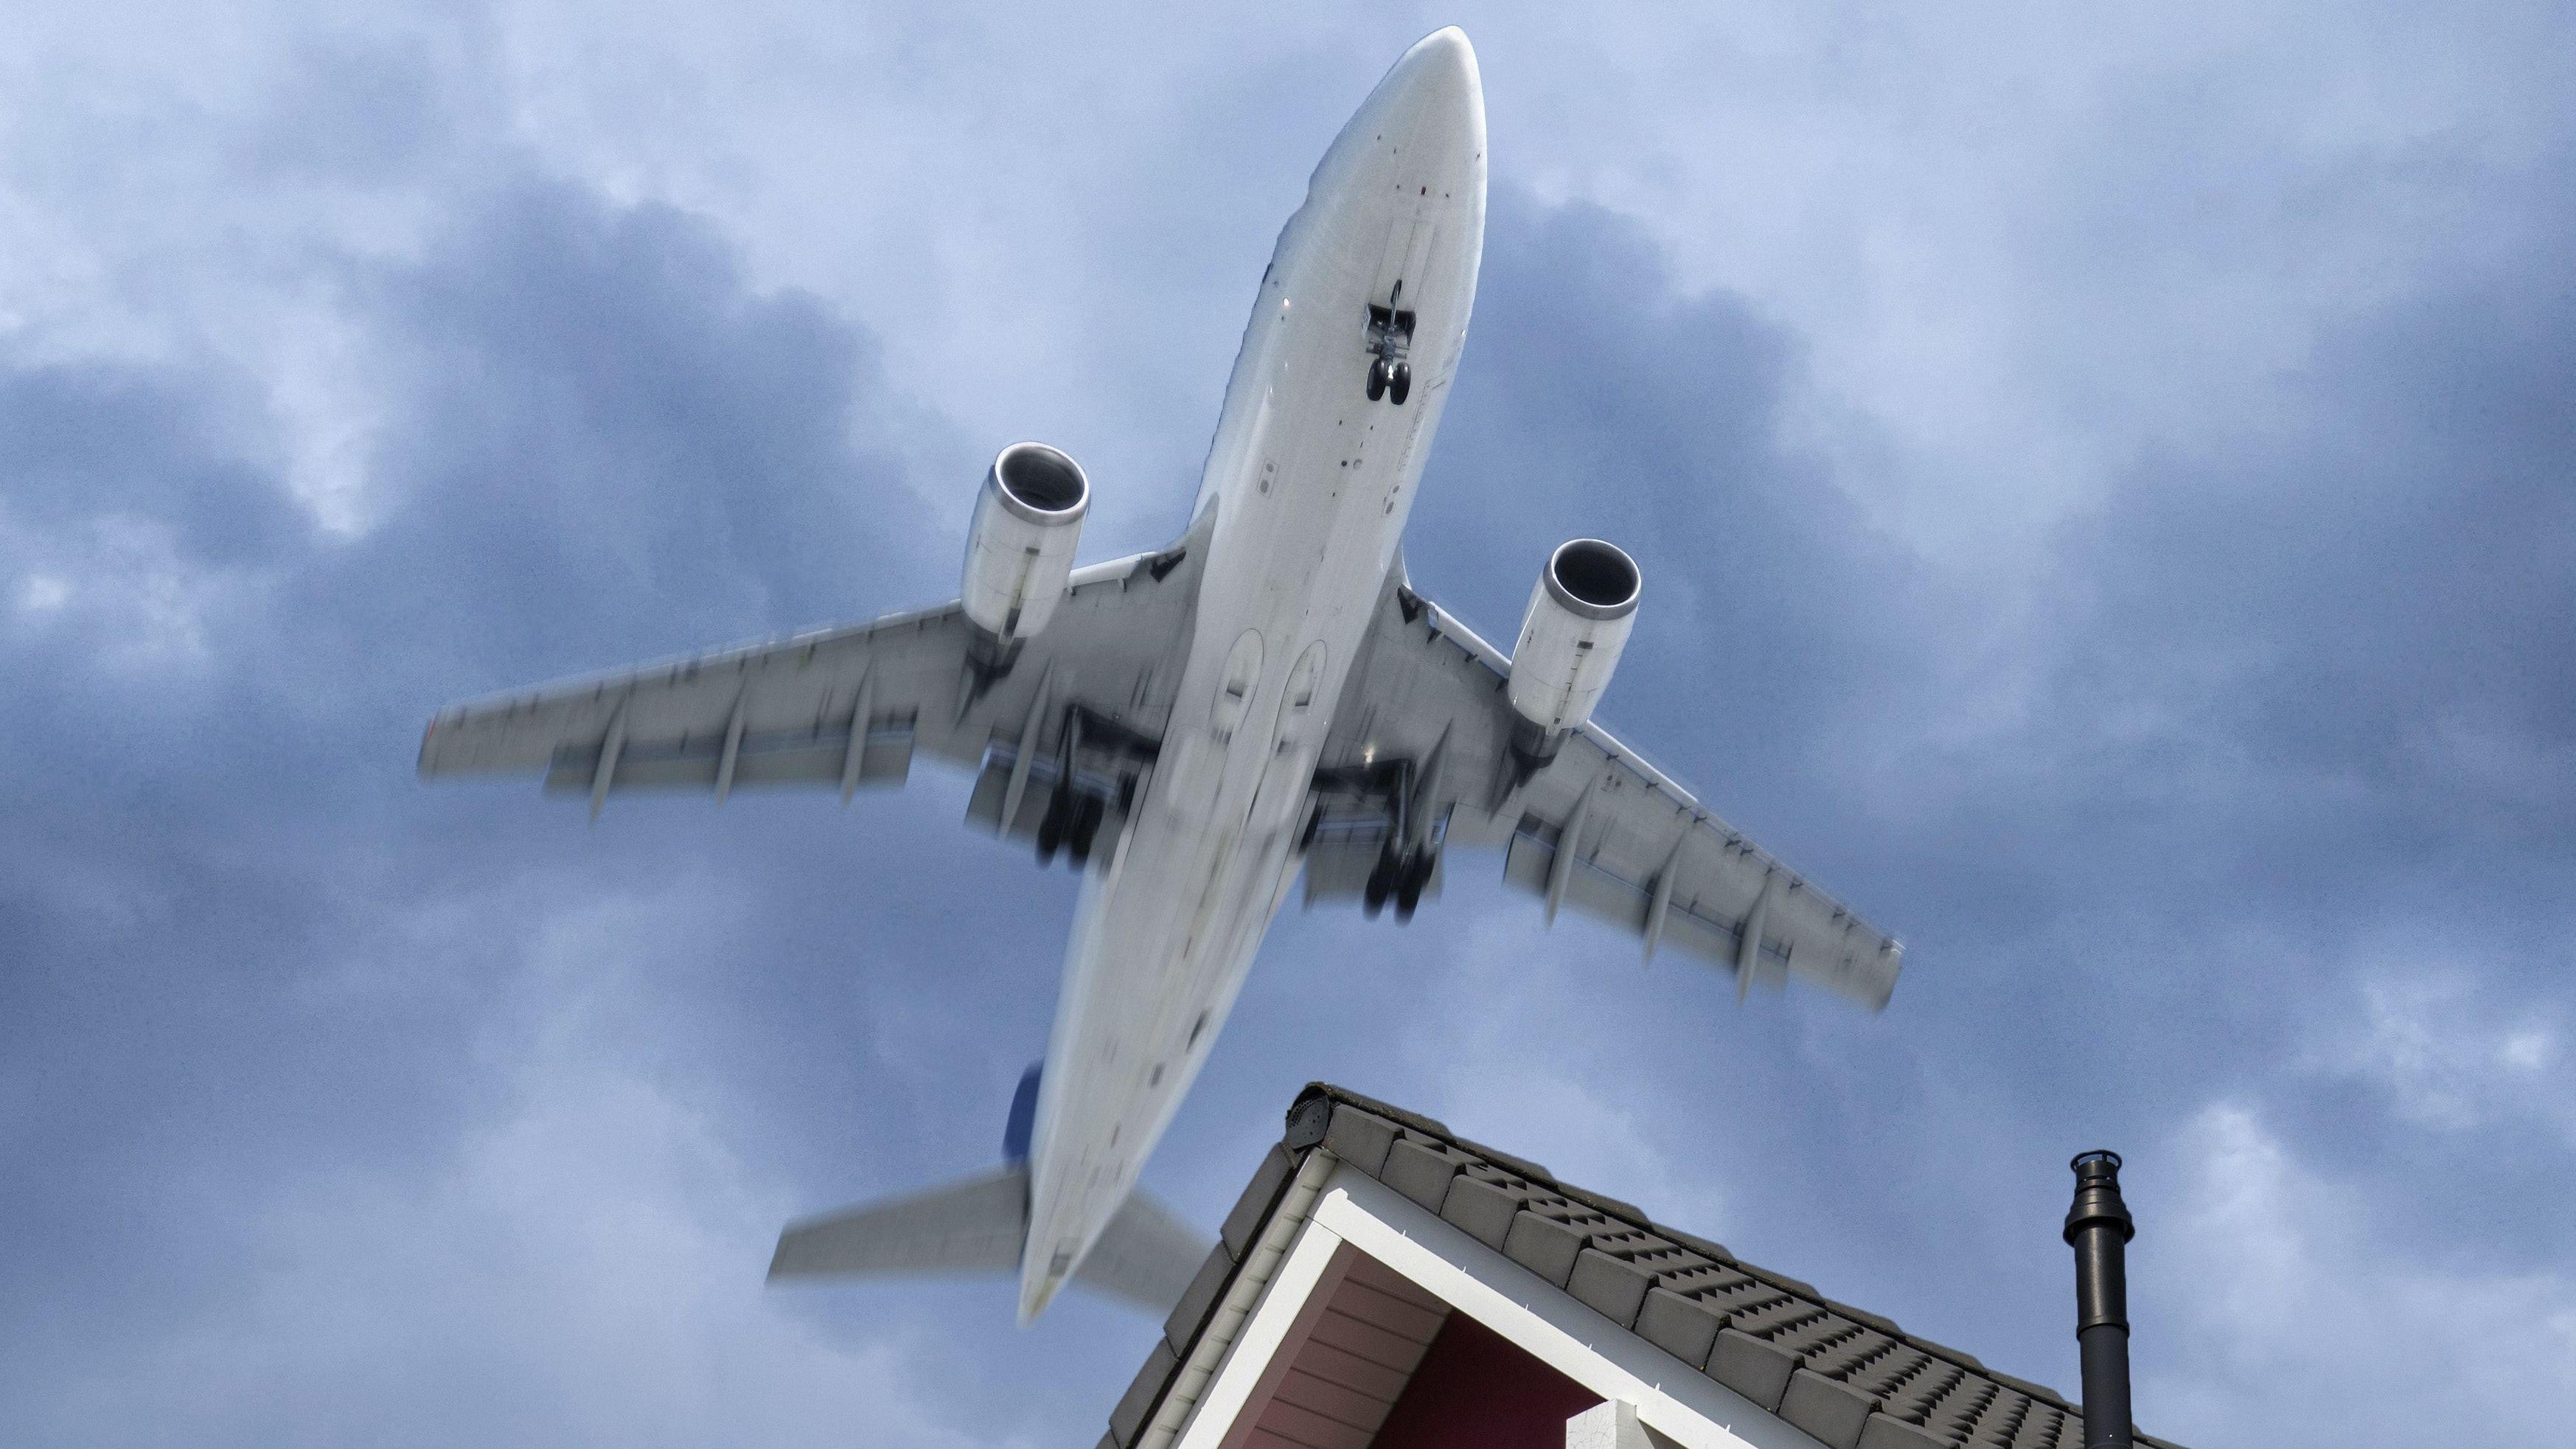 Flugzeug über Wohngebiet